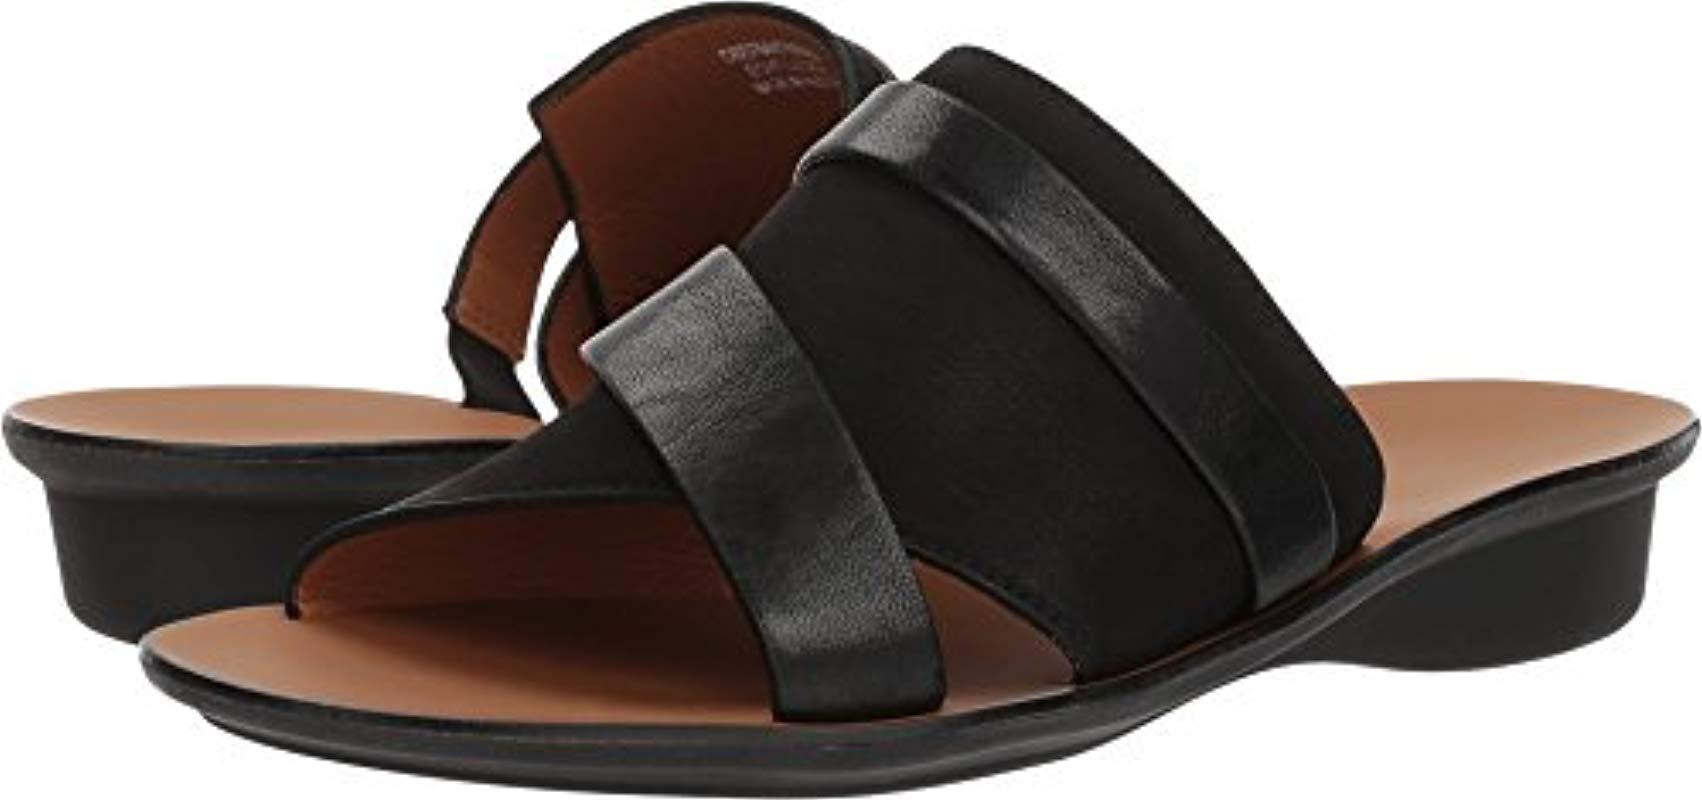 fb4783827 Lyst - Paul Green Bayside Slide Sandal in Black